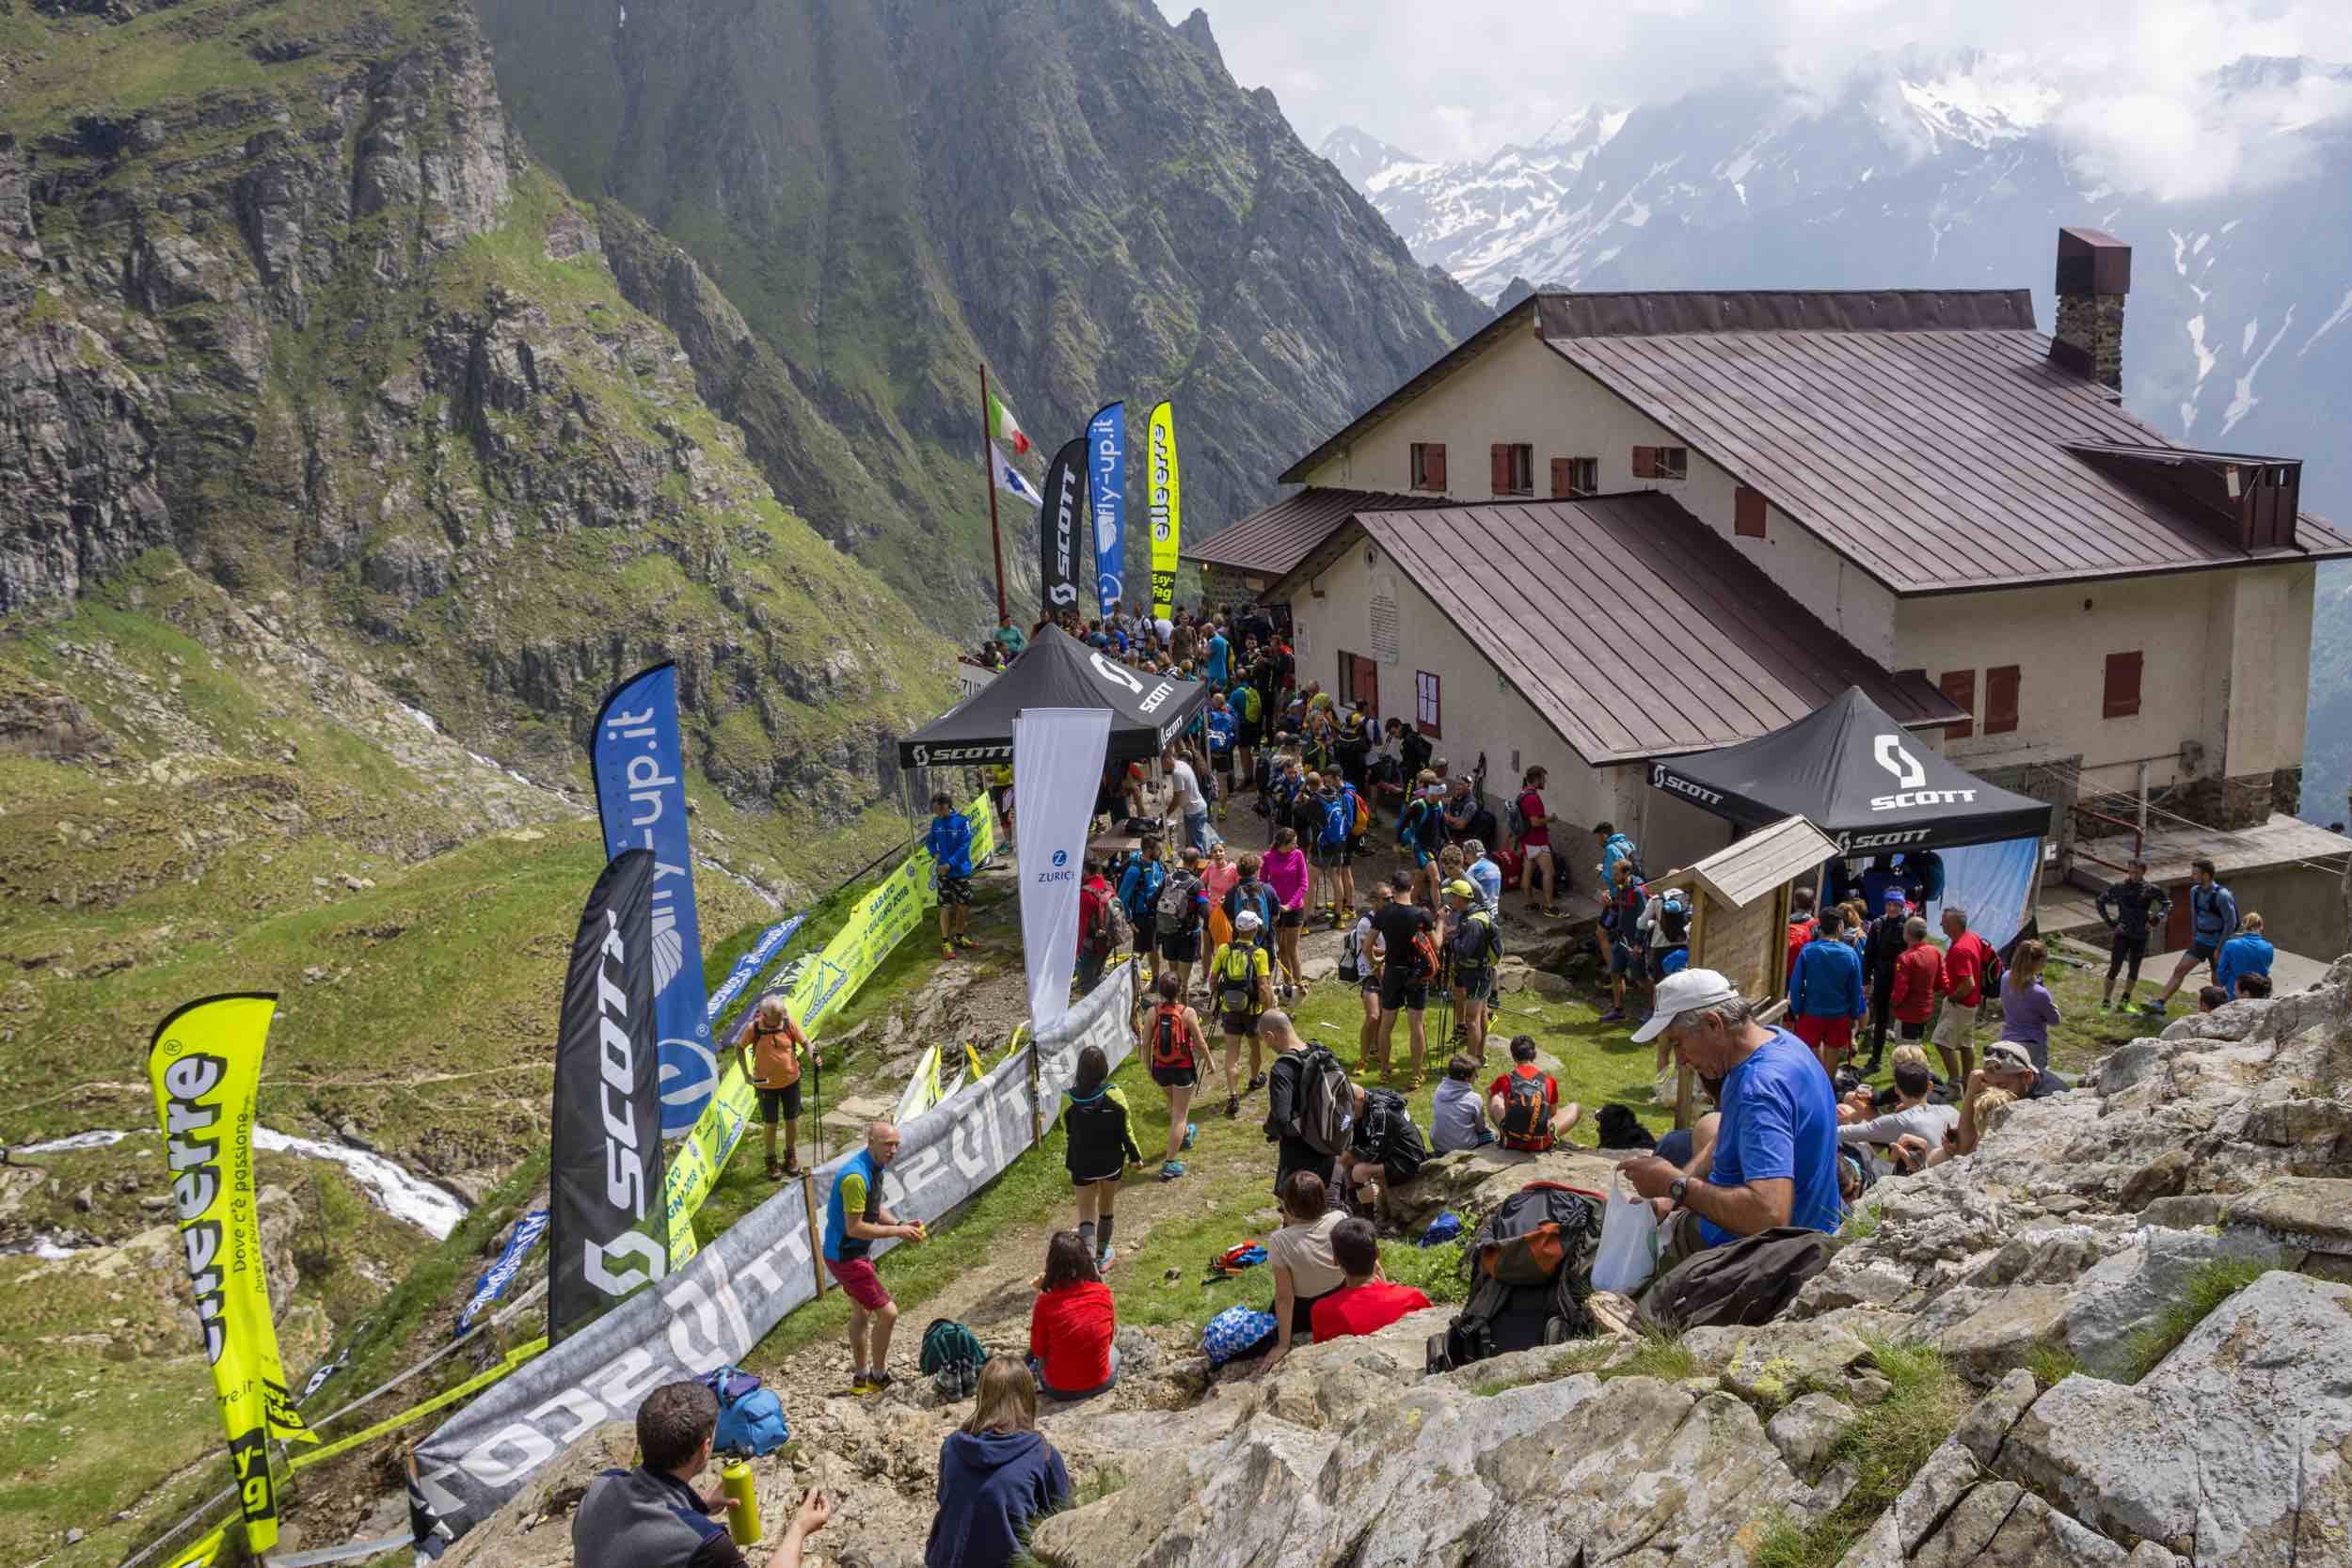 Orobie Vertical 2018, il rifugio Mario Merelli al Coca, arrivo della gara (photo credit: Cristian RIVA)